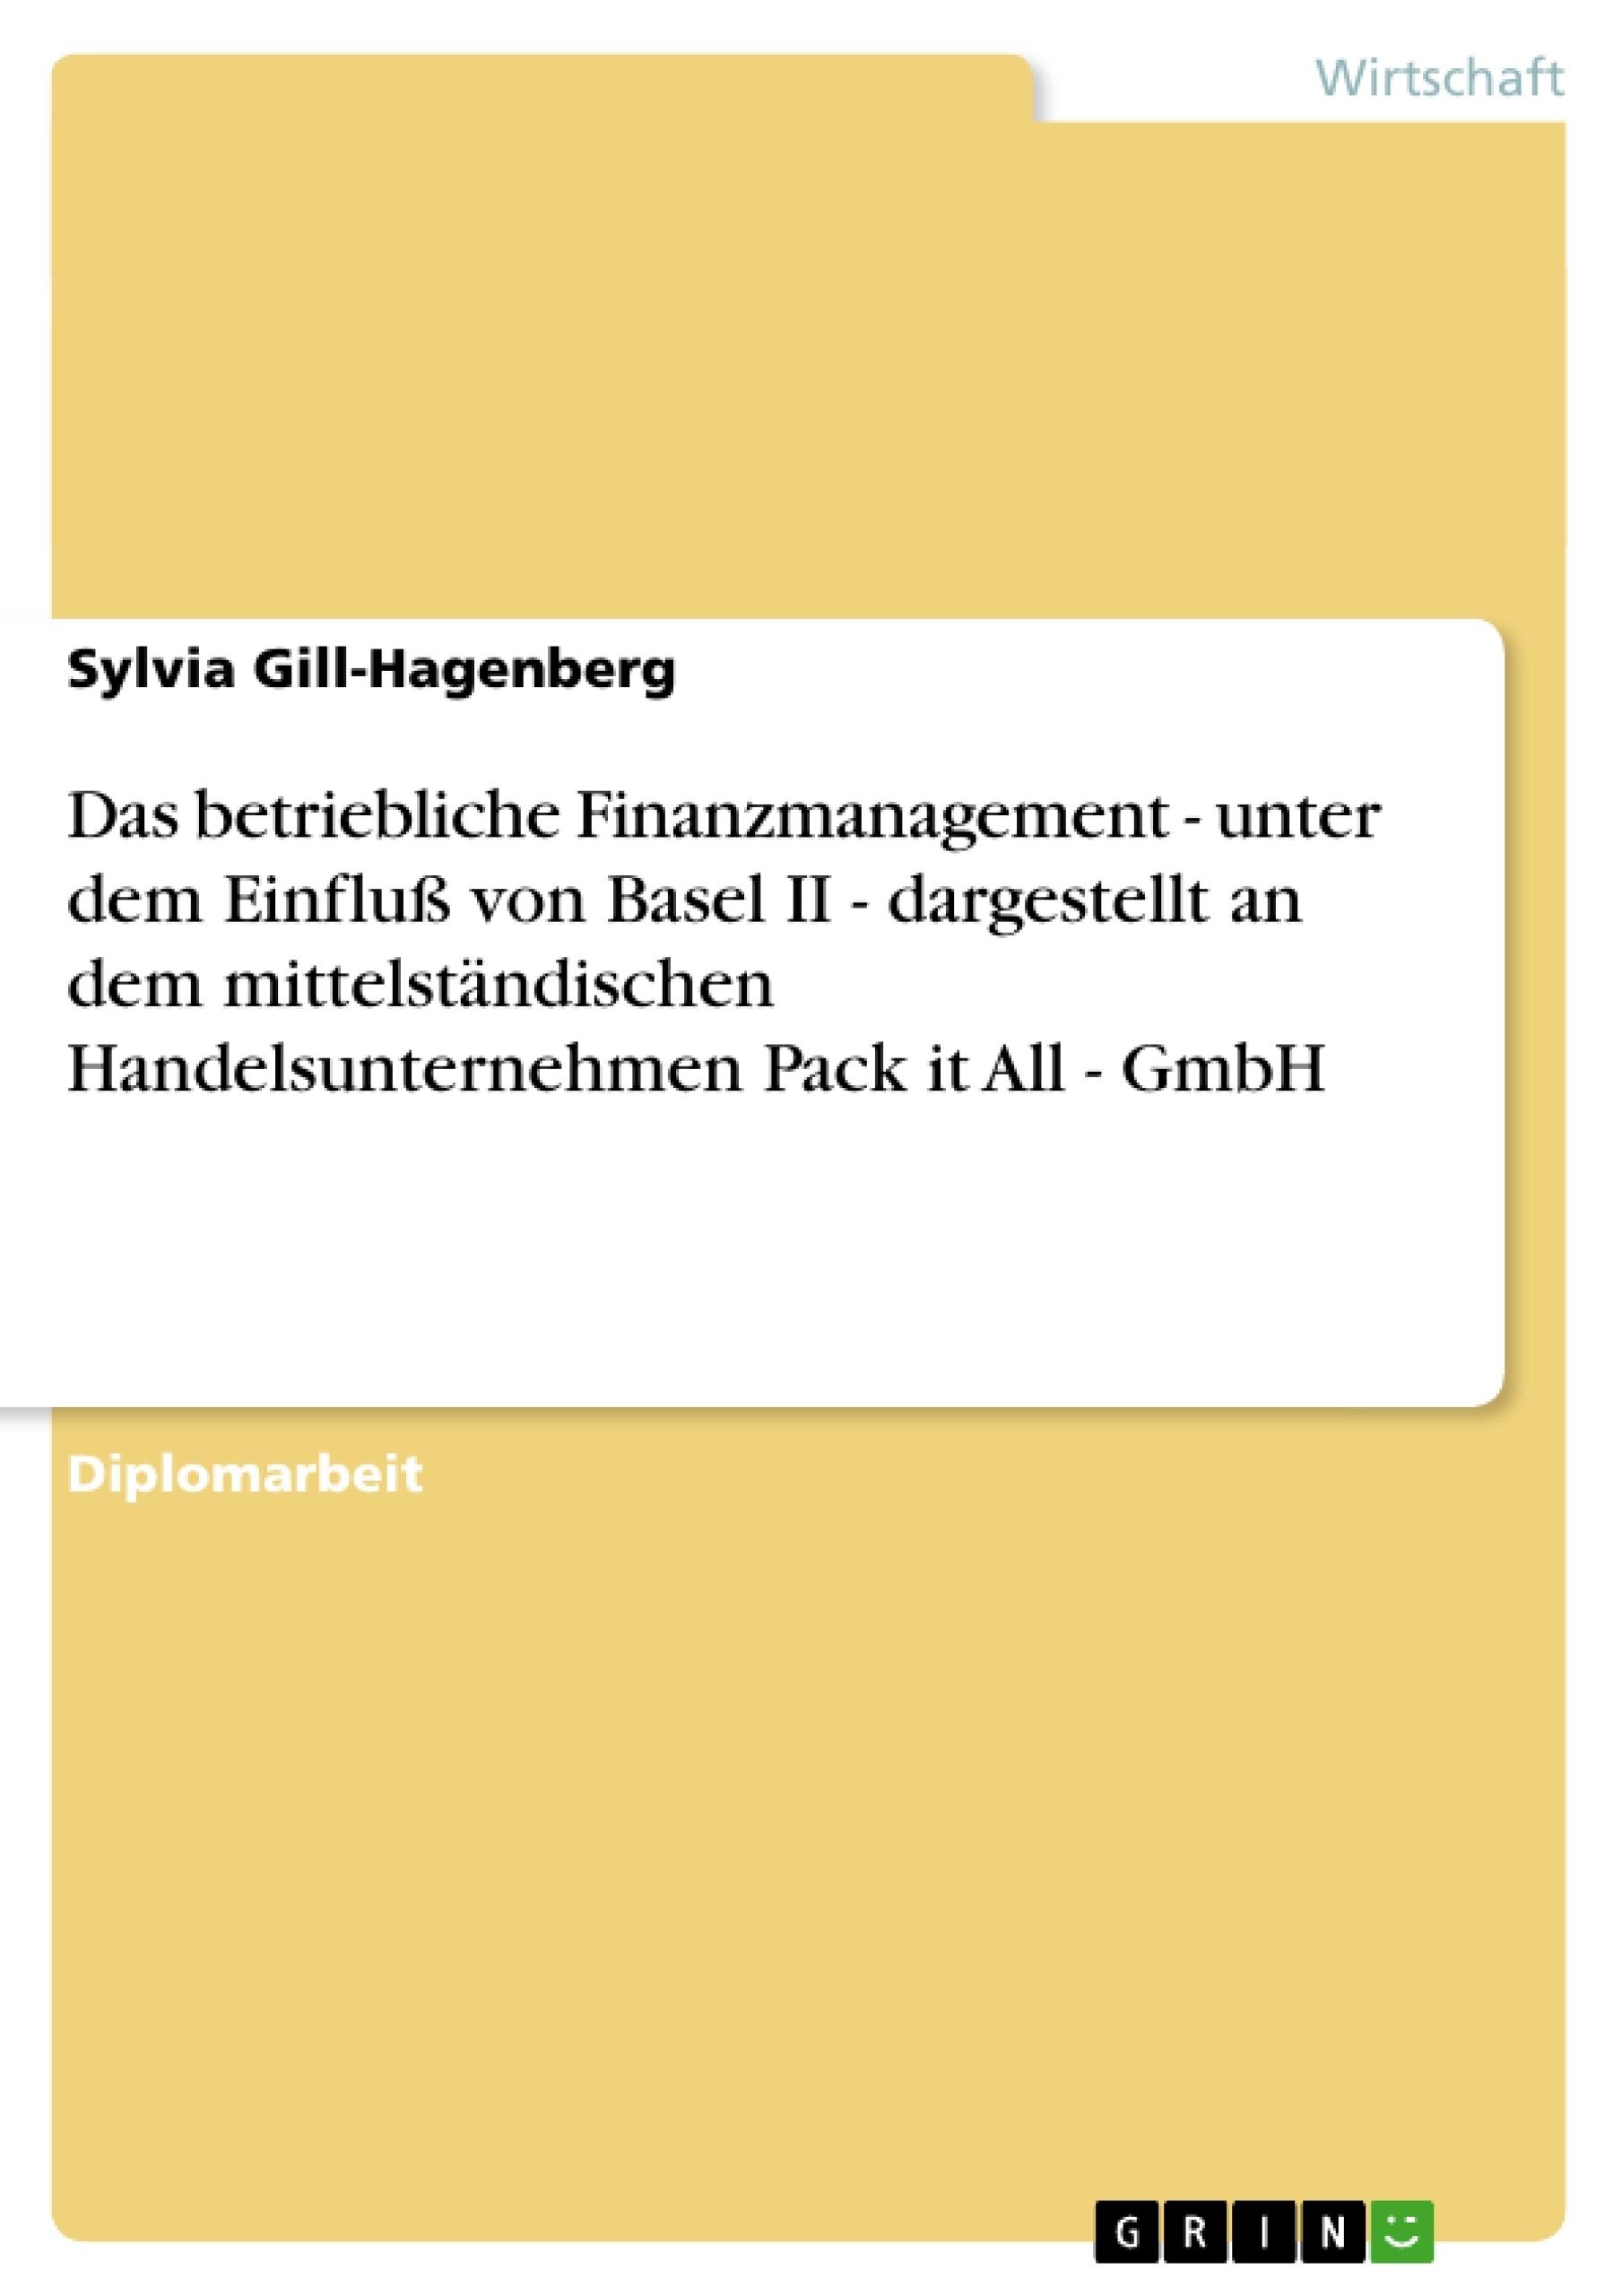 Titel: Das betriebliche Finanzmanagement - unter dem Einfluß von Basel II - dargestellt an dem mittelständischen Handelsunternehmen Pack it All - GmbH